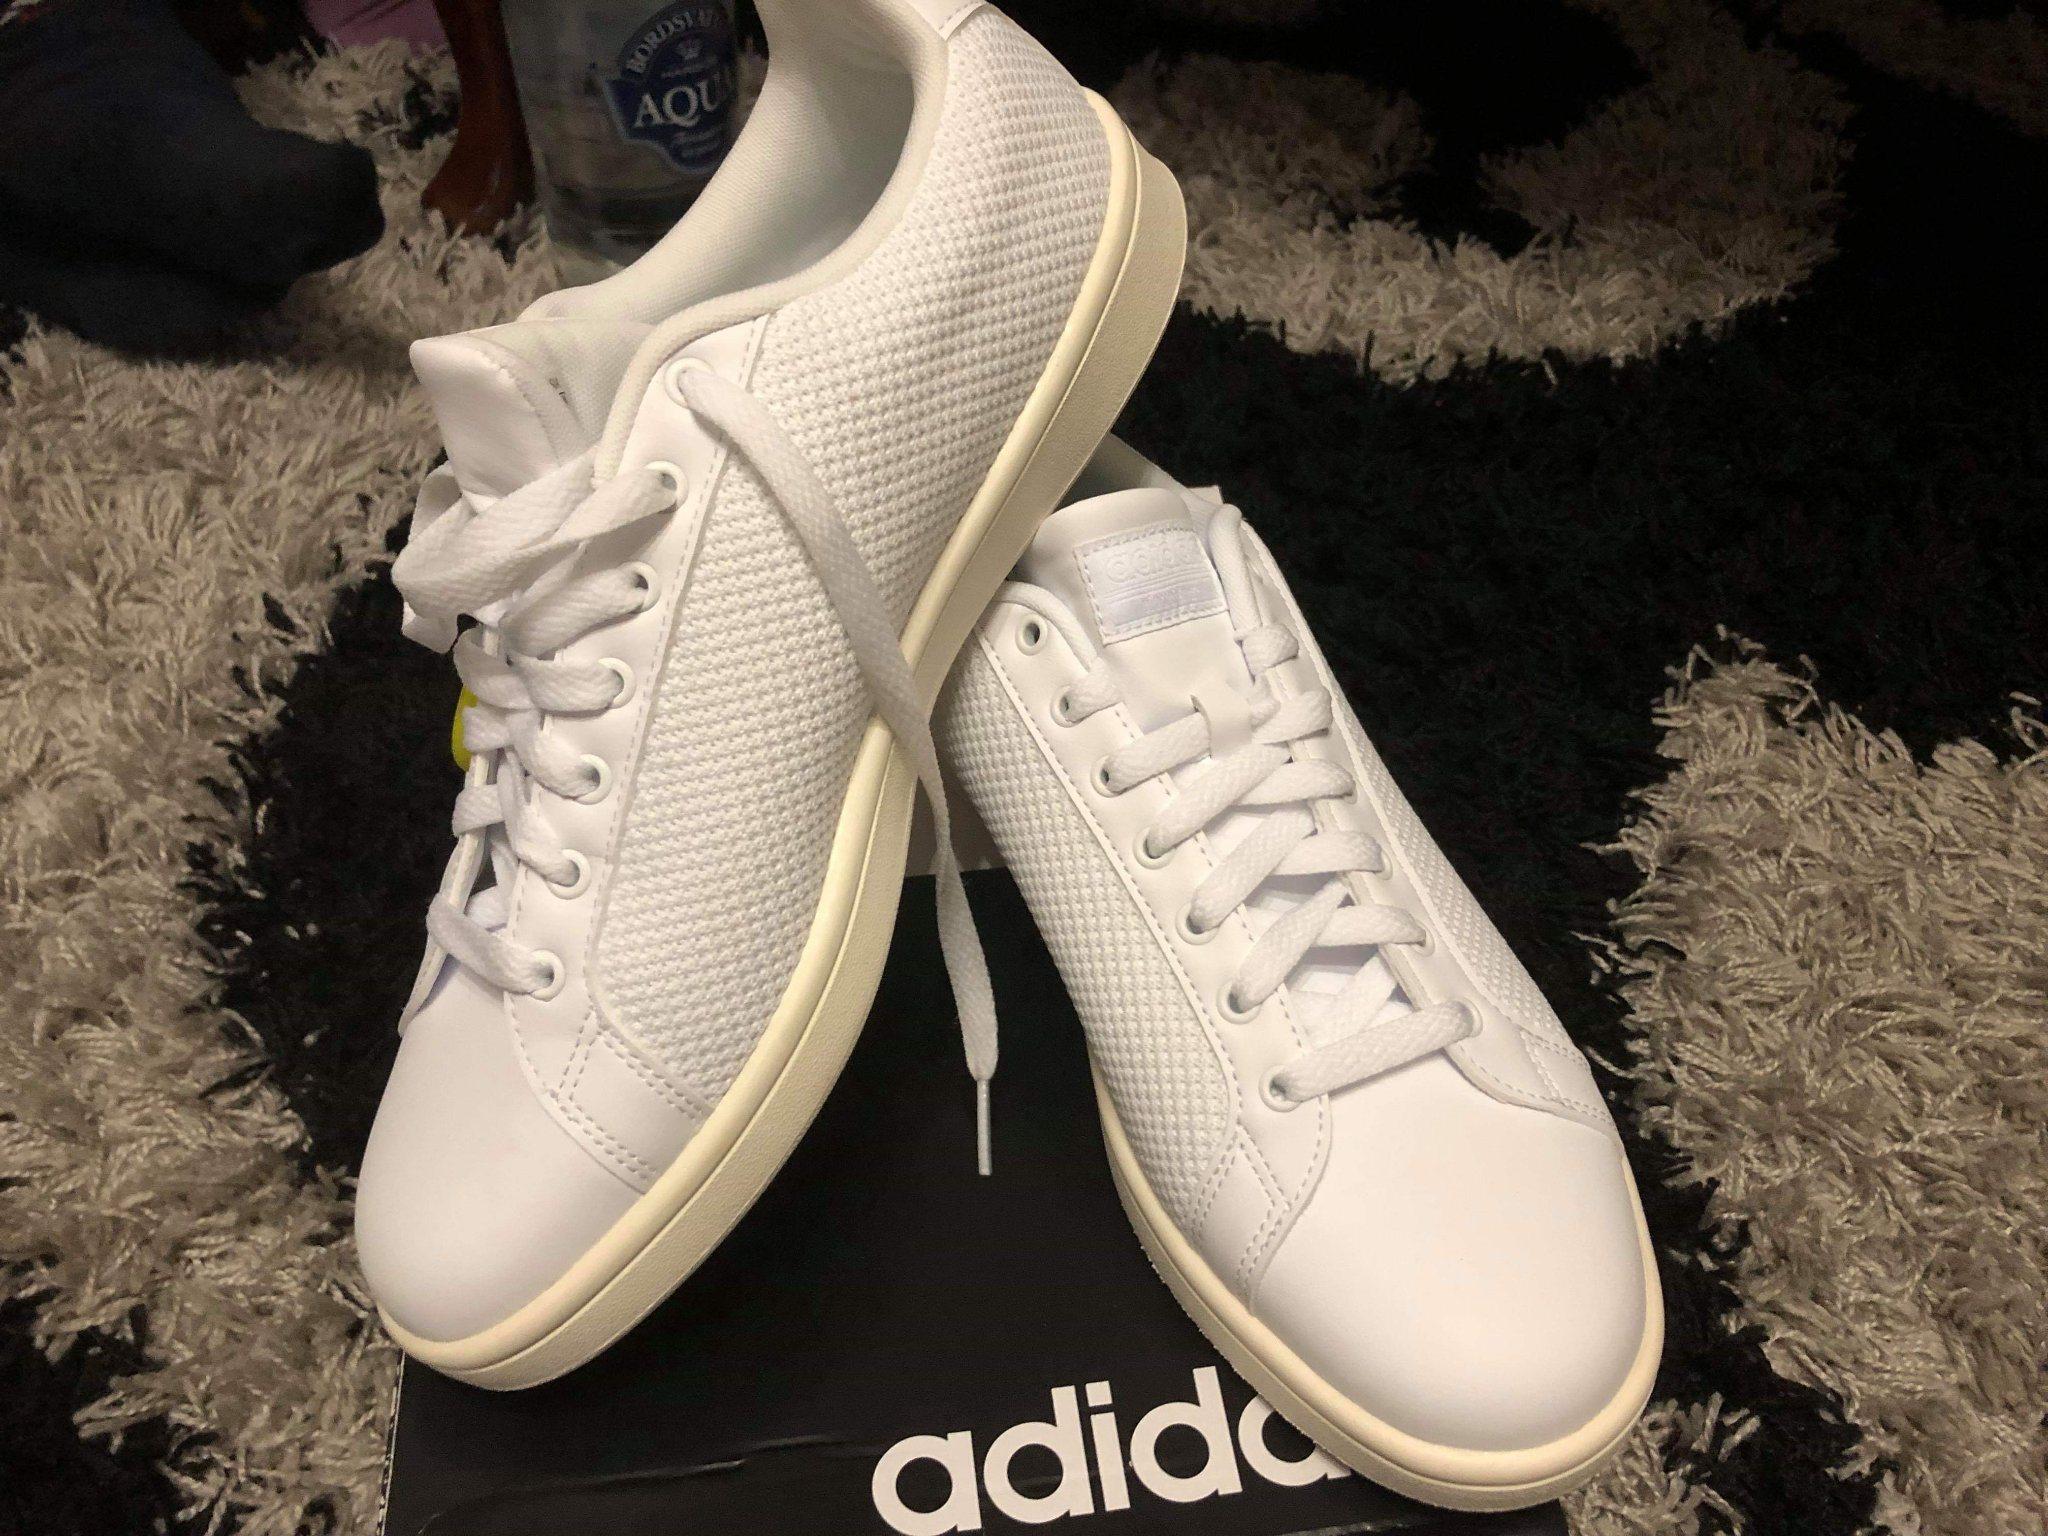 718e78da646 Nya ! snygga Adidas sneakers stl 43,5 (341075979) ᐈ Köp på Tradera